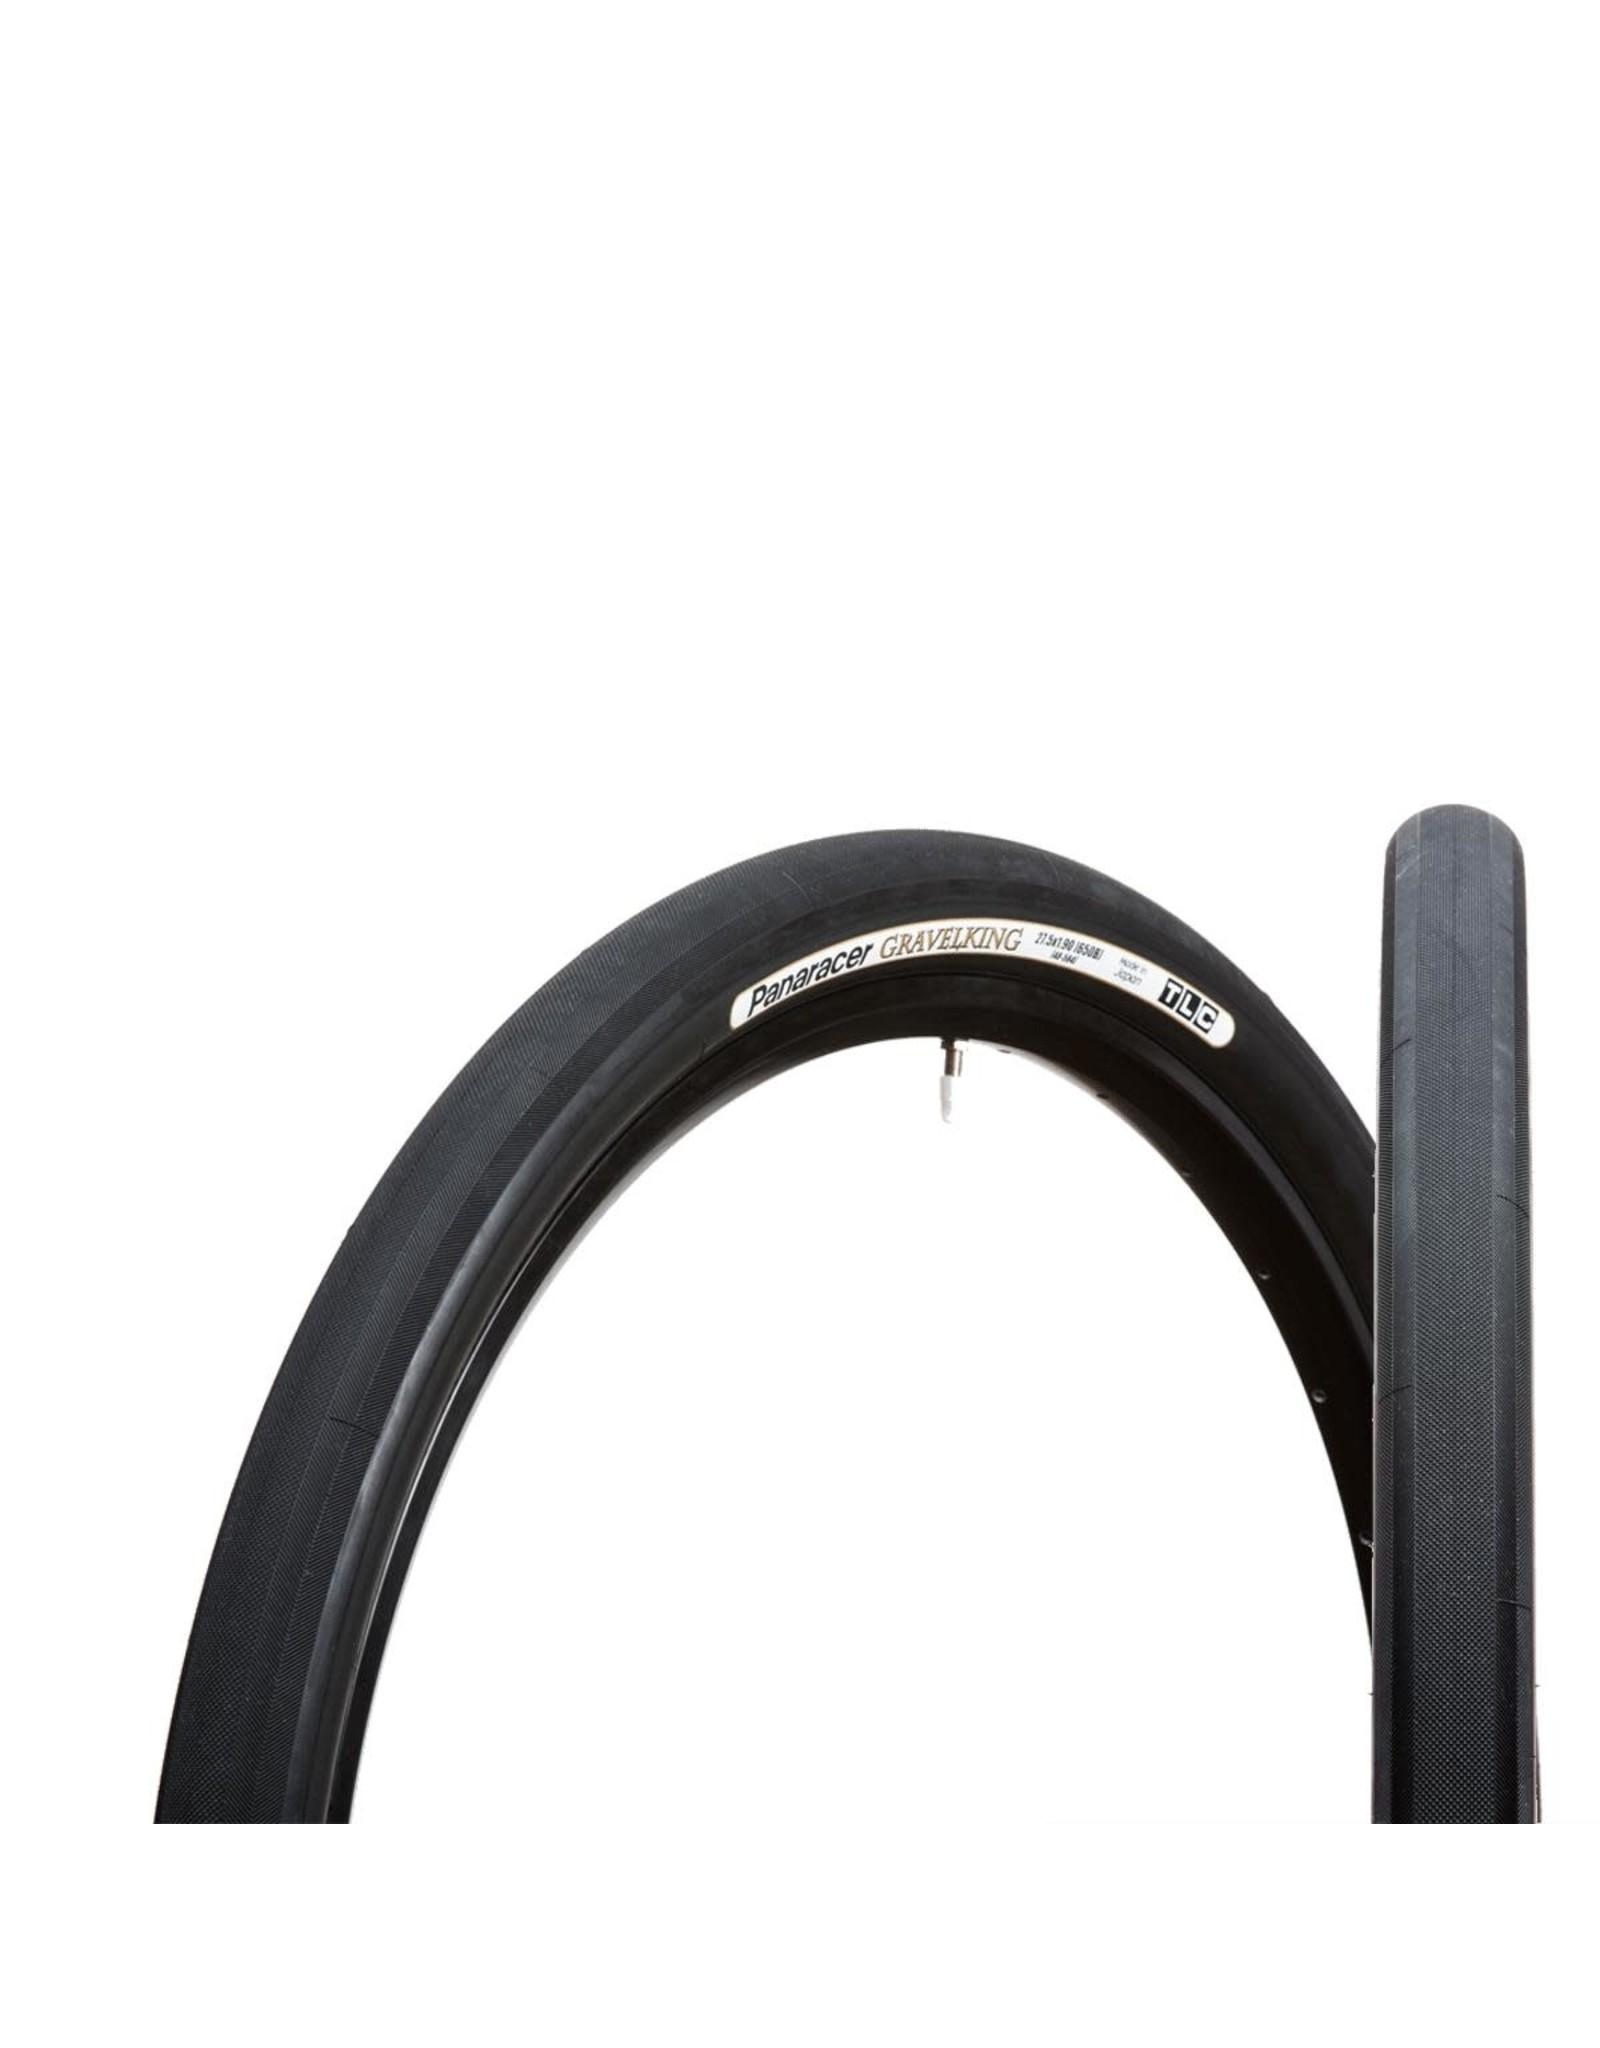 Panaracer Tyre Gravelking 27.5 x 1.75